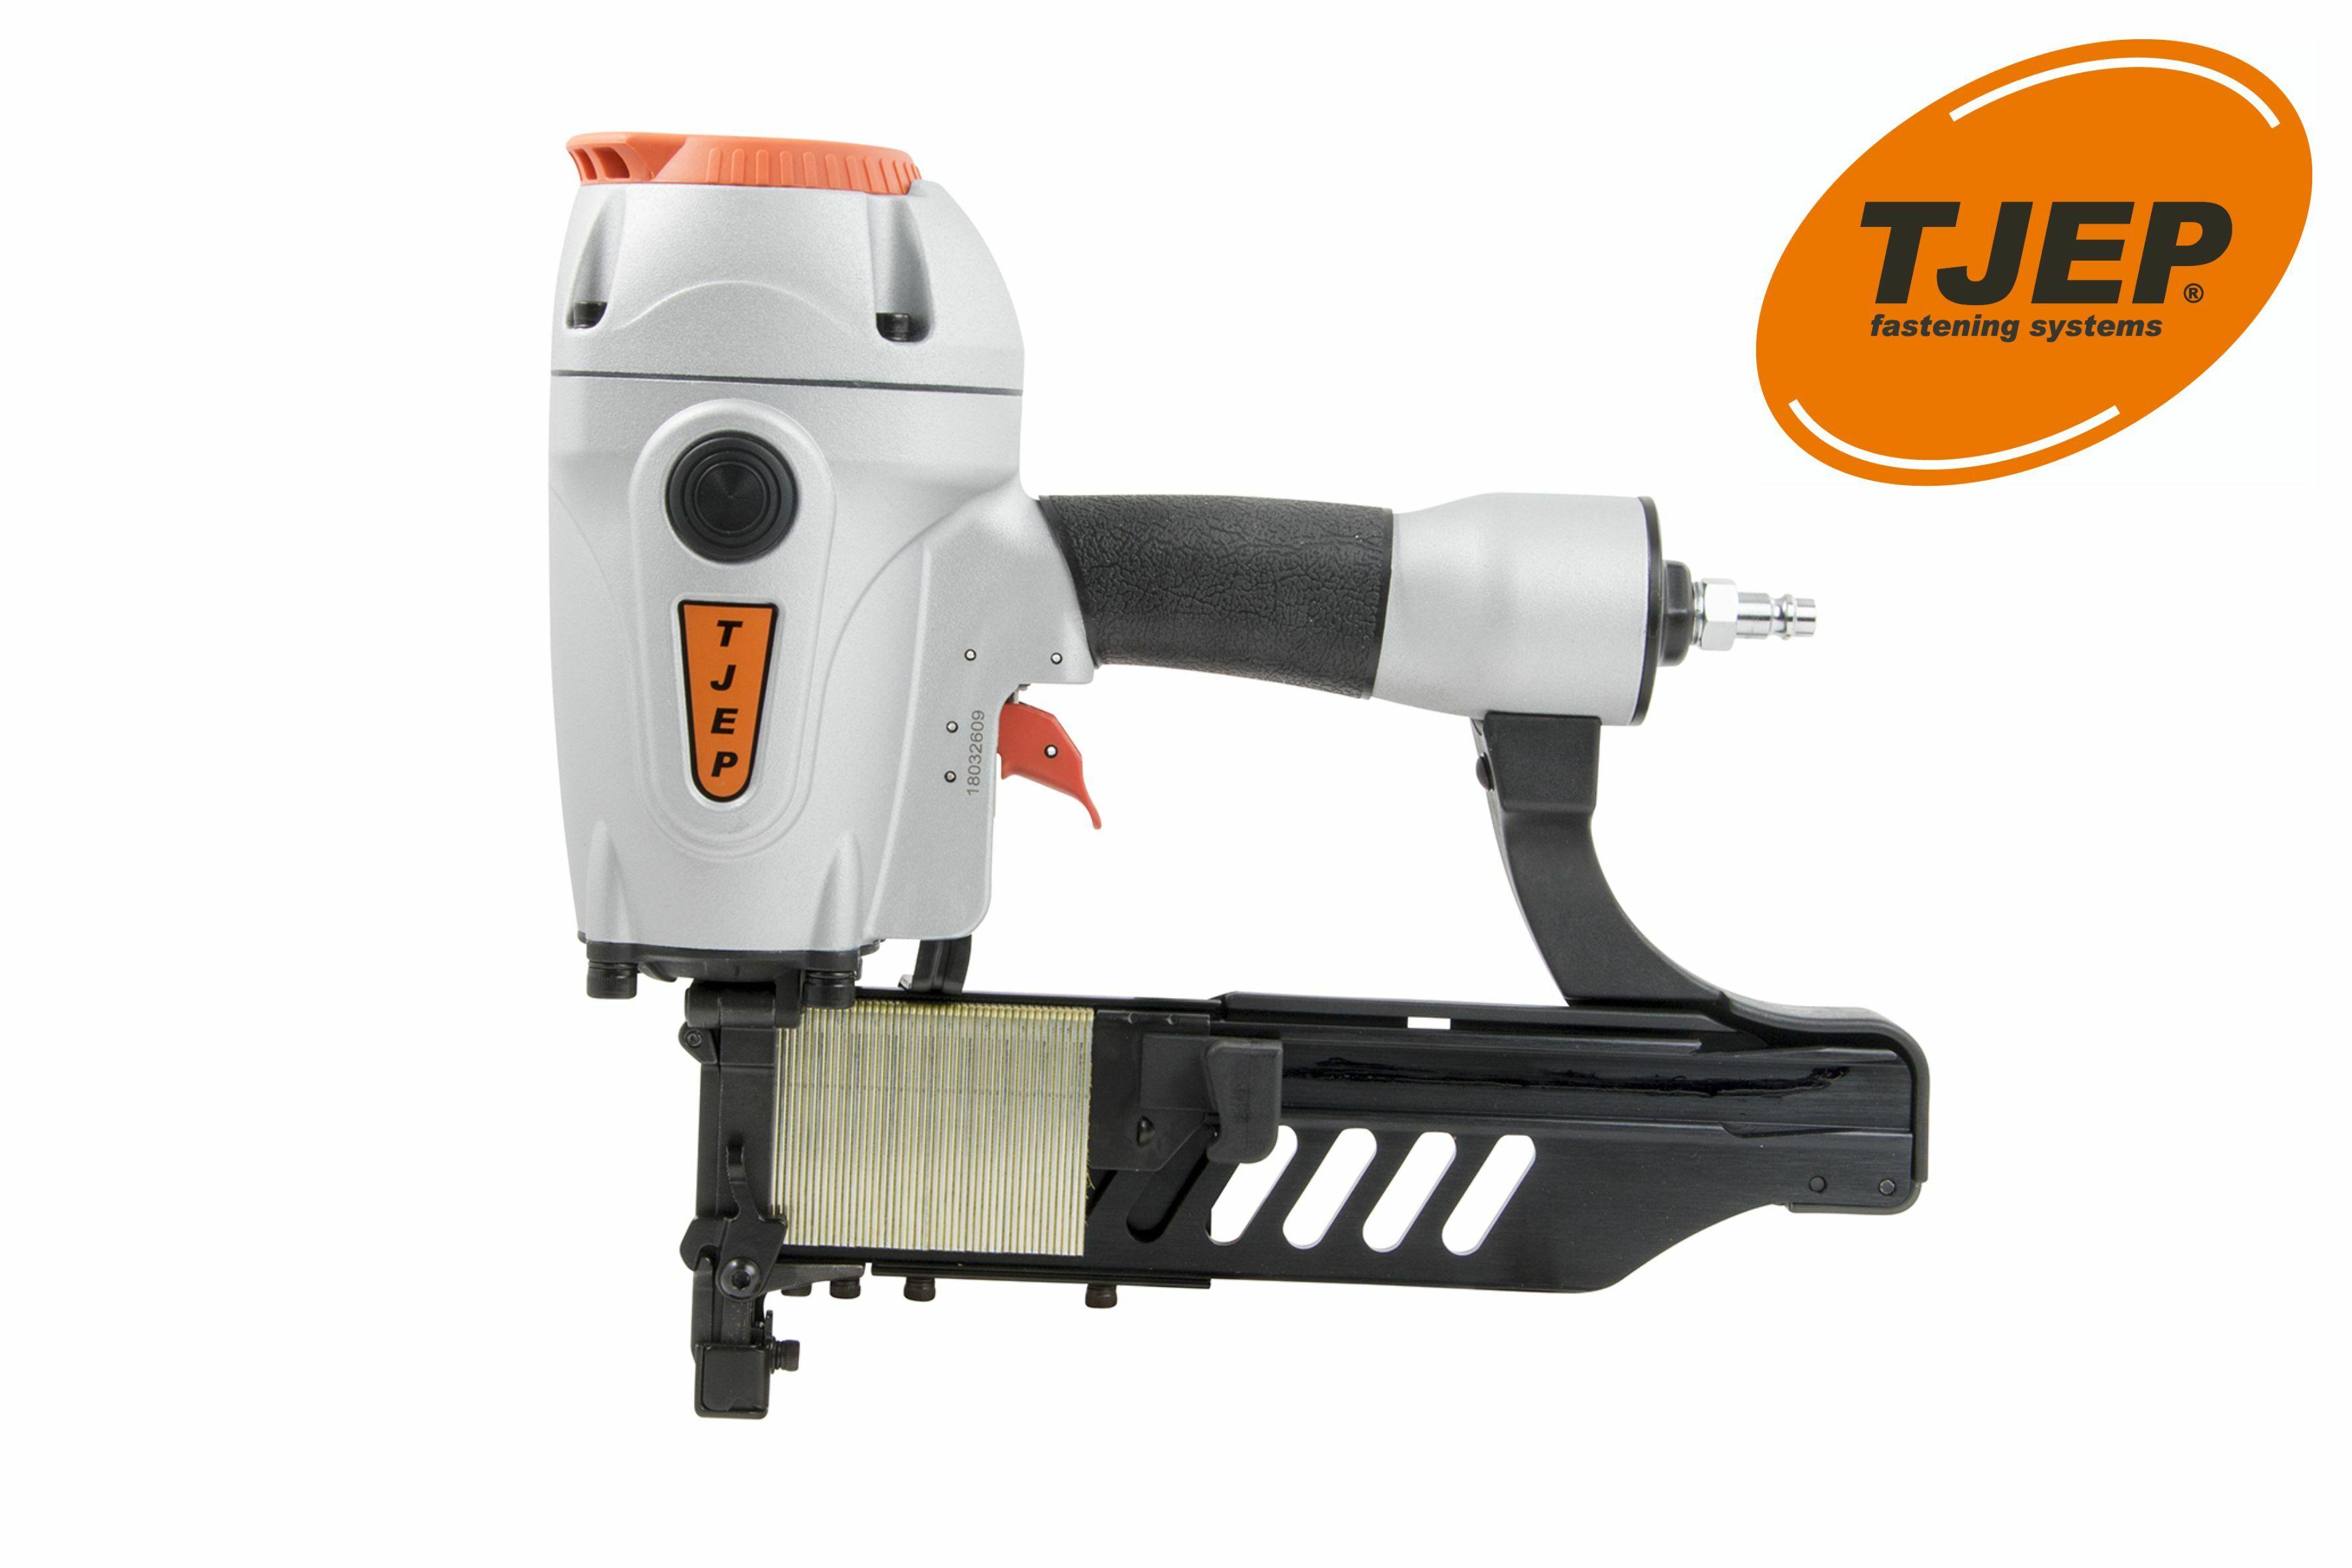 Klammergerät für Außenverkleidung Tjep PQZ-64